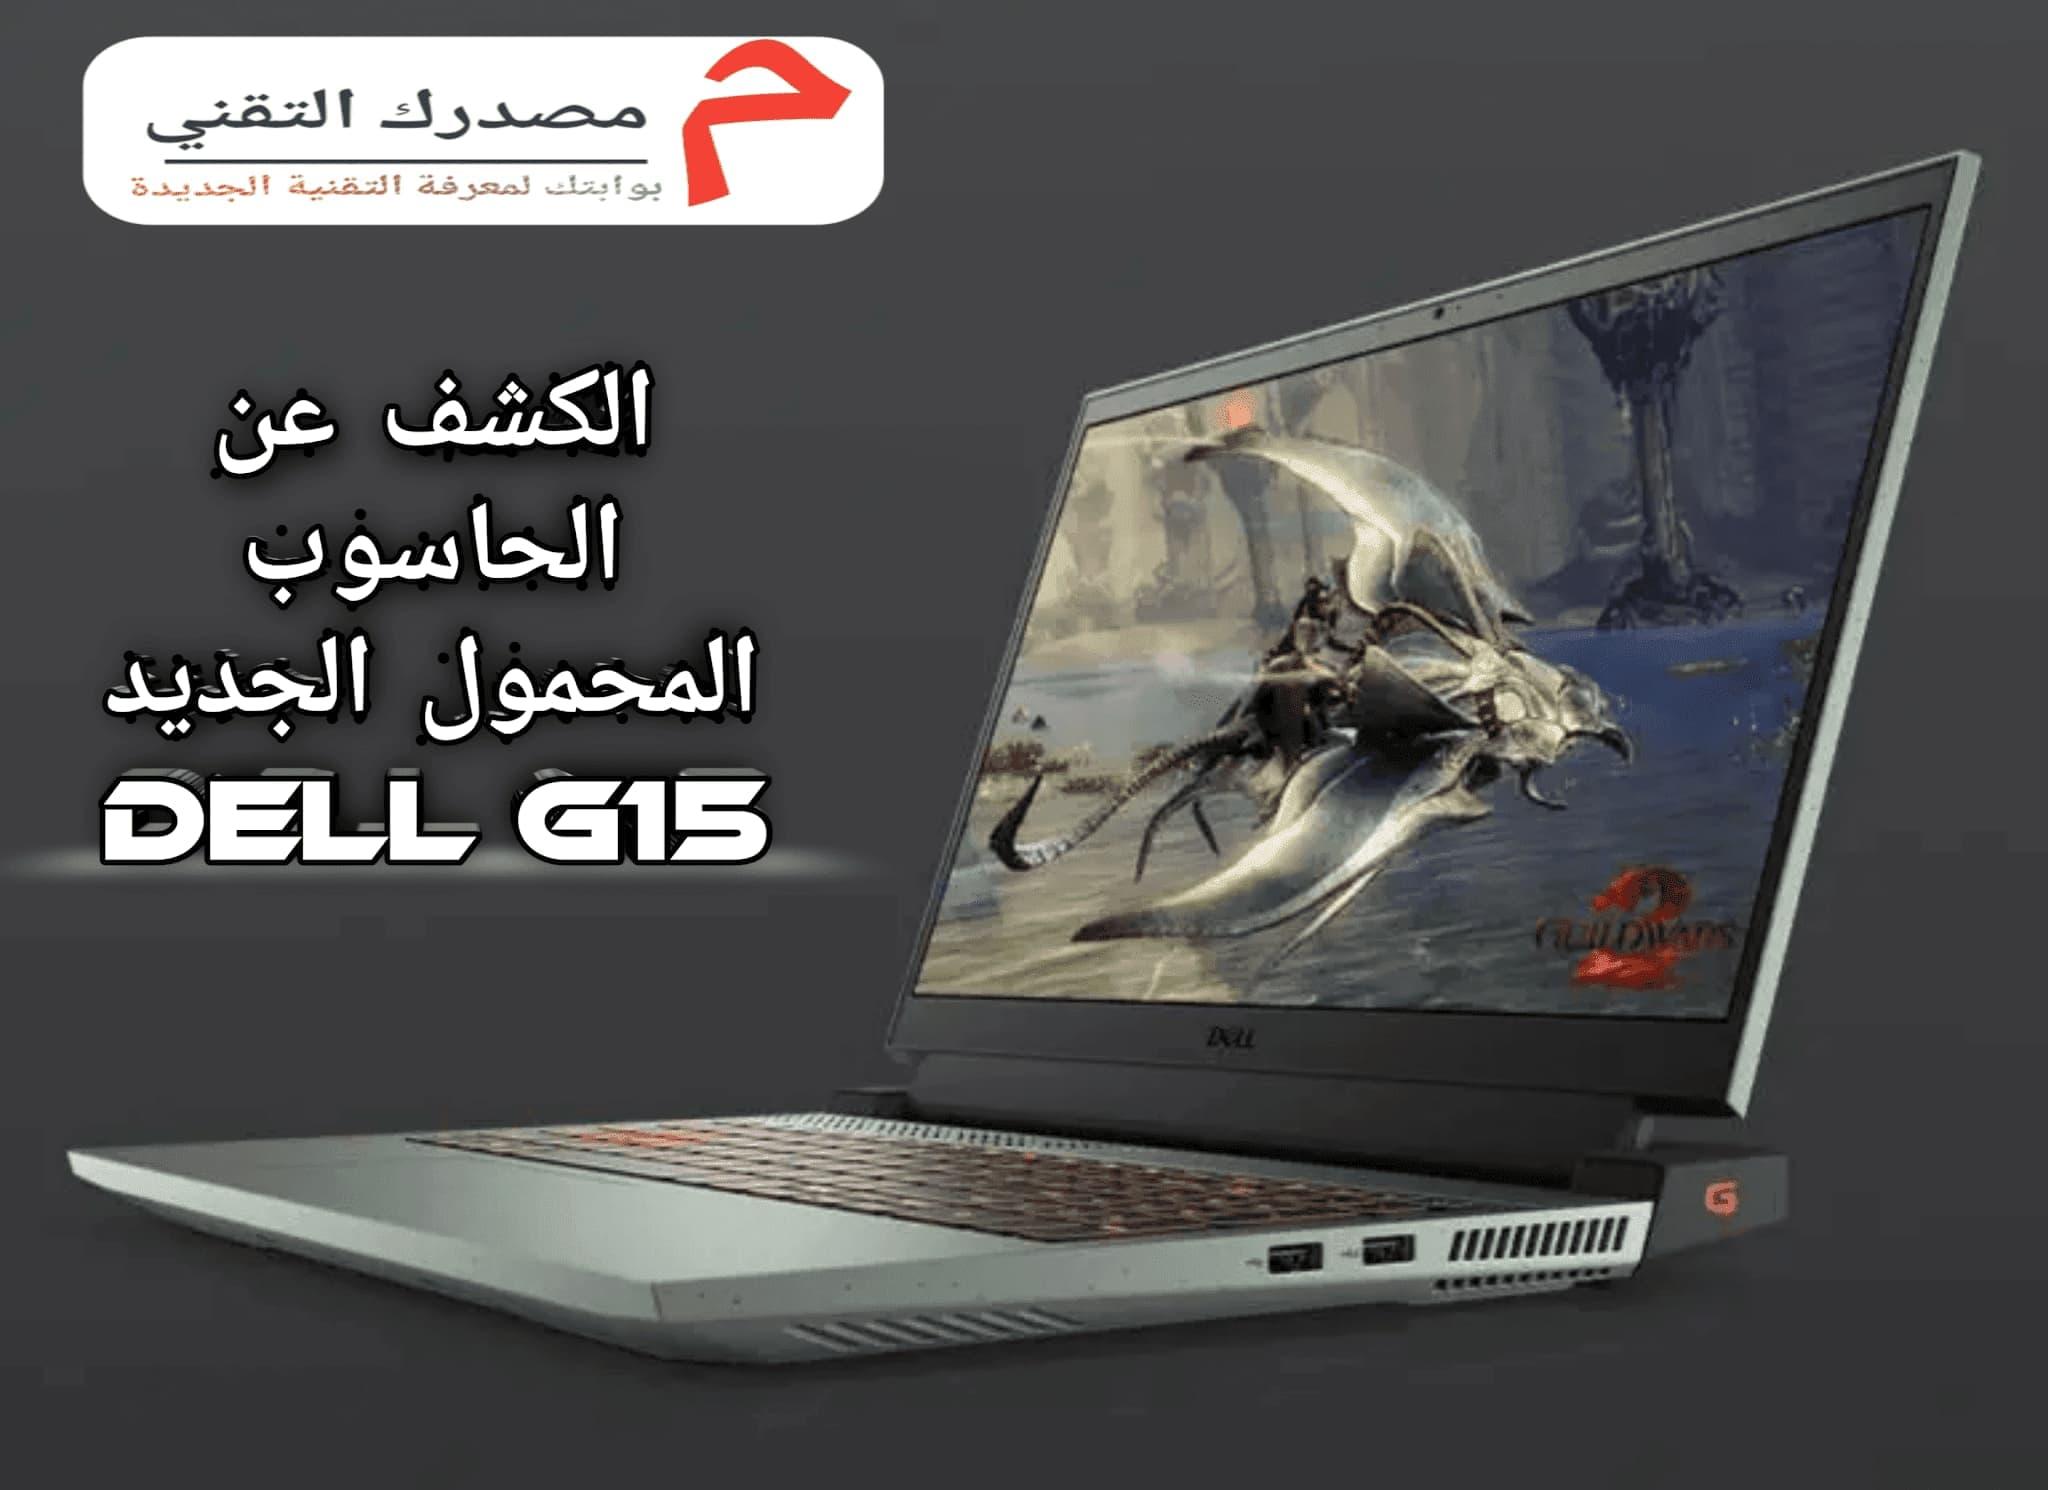 لاب توب للجيمينج Dell g15 مواصافات